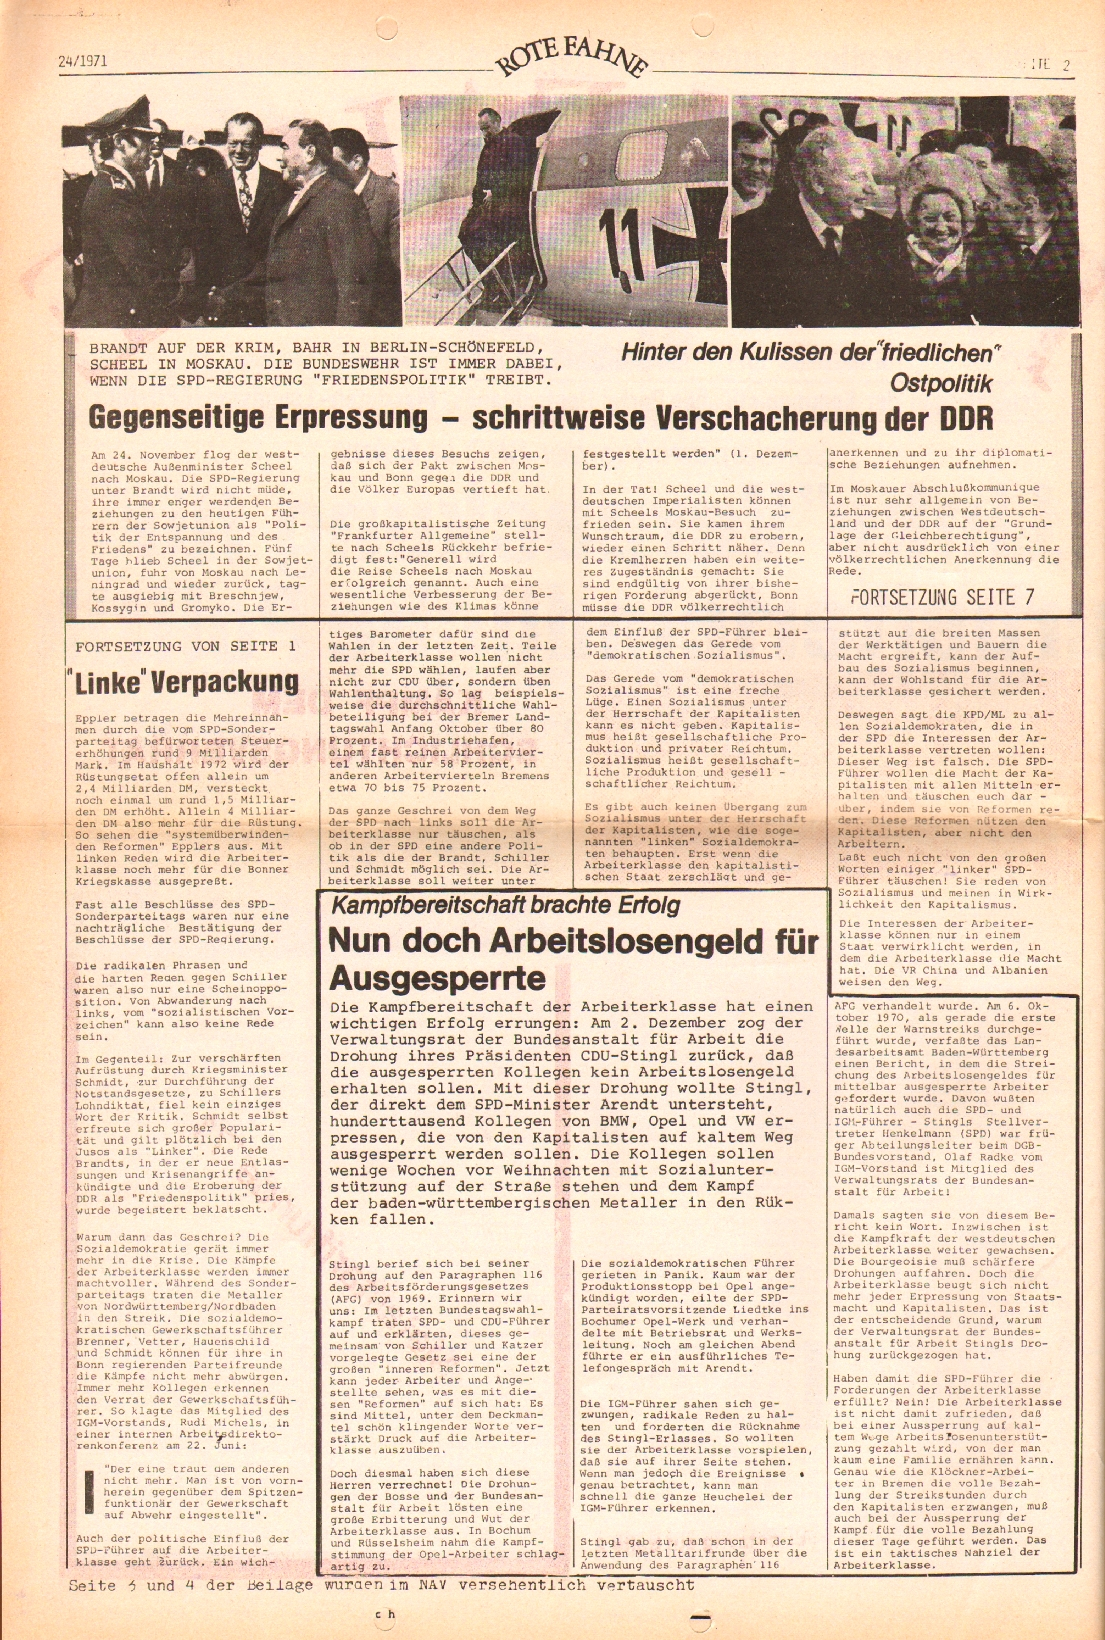 Rote Fahne, 2. Jg., 6.12.1971, Nr. 24, Seite 2